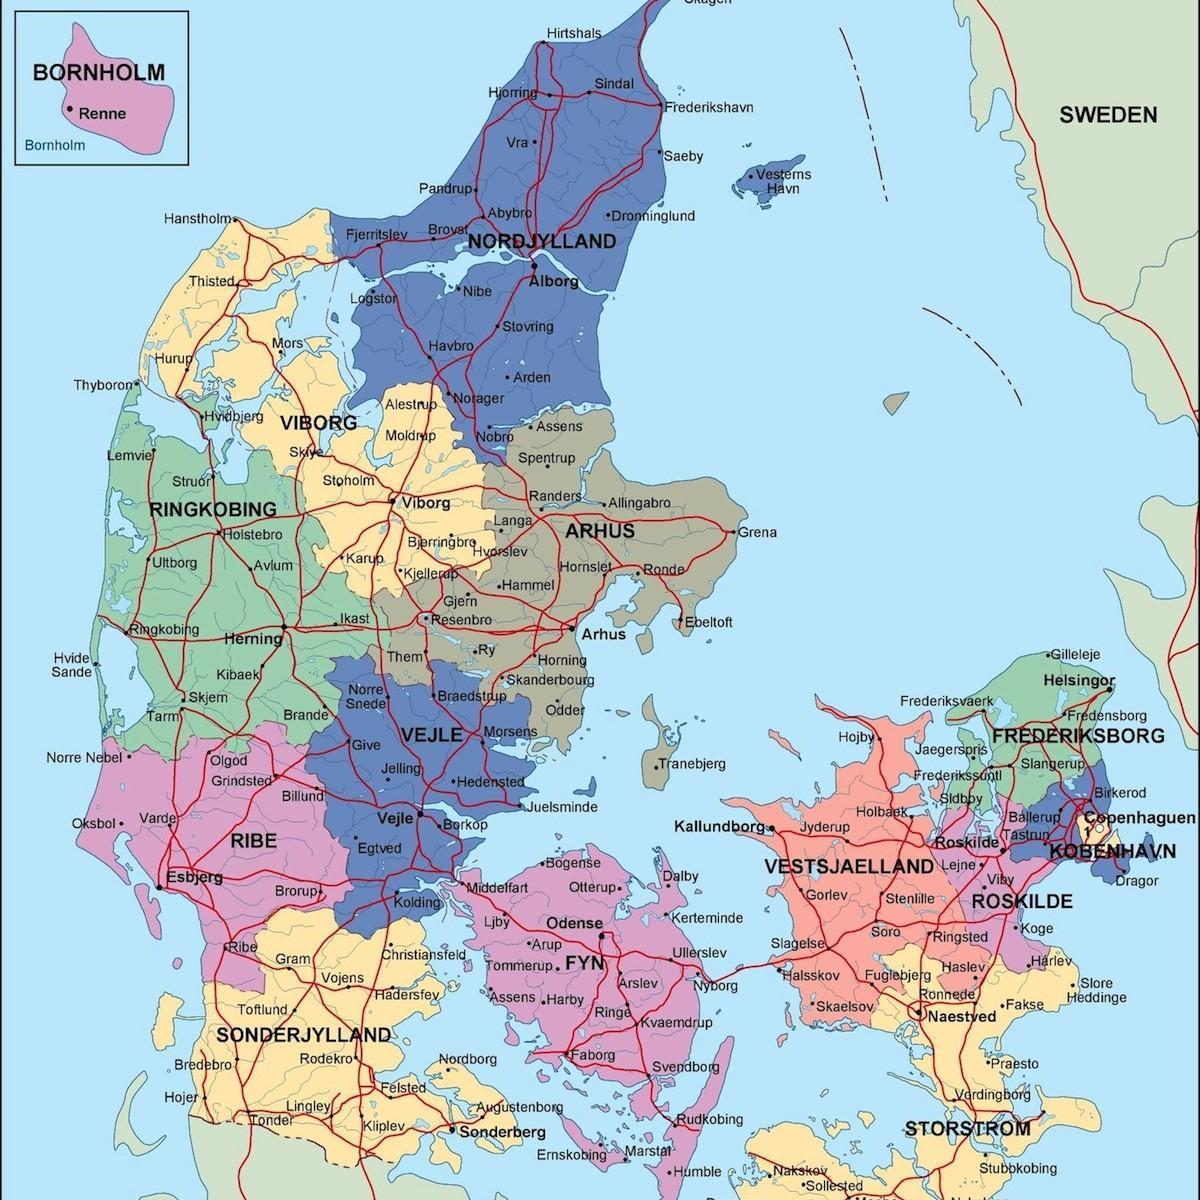 Cartina Della Danimarca.Danimarca Mappa Politica Mappa Della Danimarca Politico